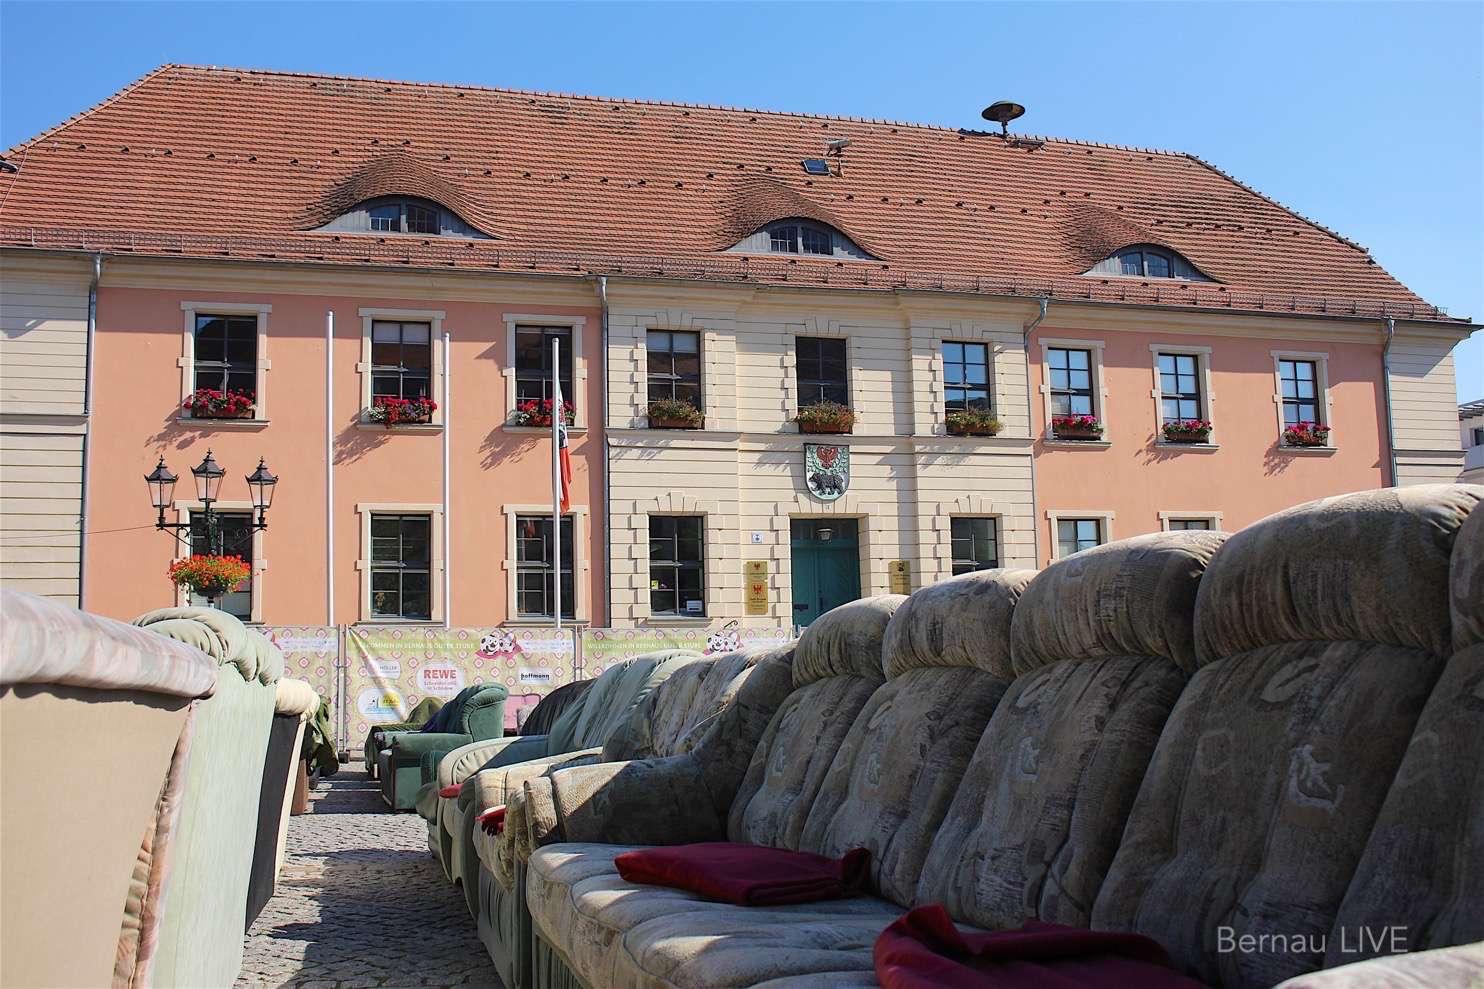 Em 2016 grosses fussball wohnzimmer in bernau er ffnet for Wohnzimmer 2016